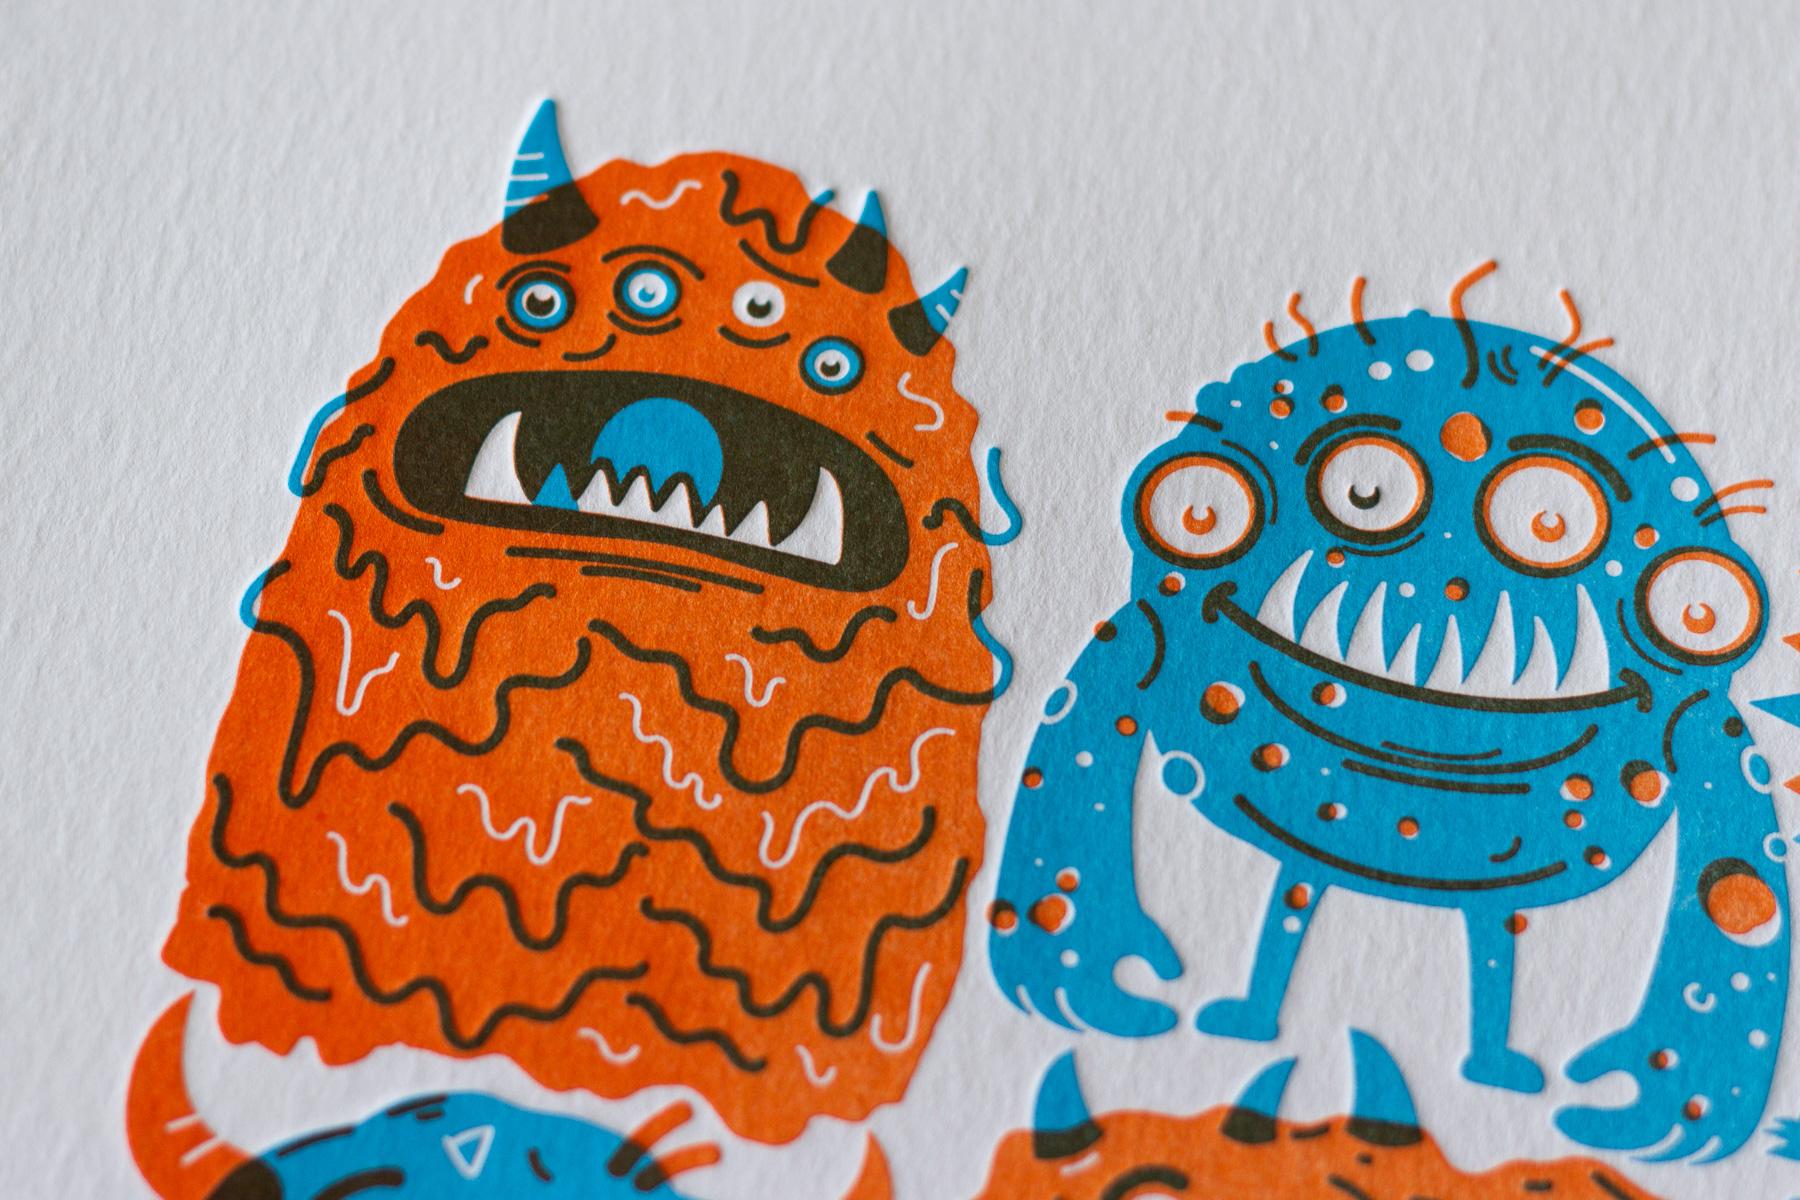 Michael Langenegger Monster Letterpress Art Print x Hungry Workshop-10